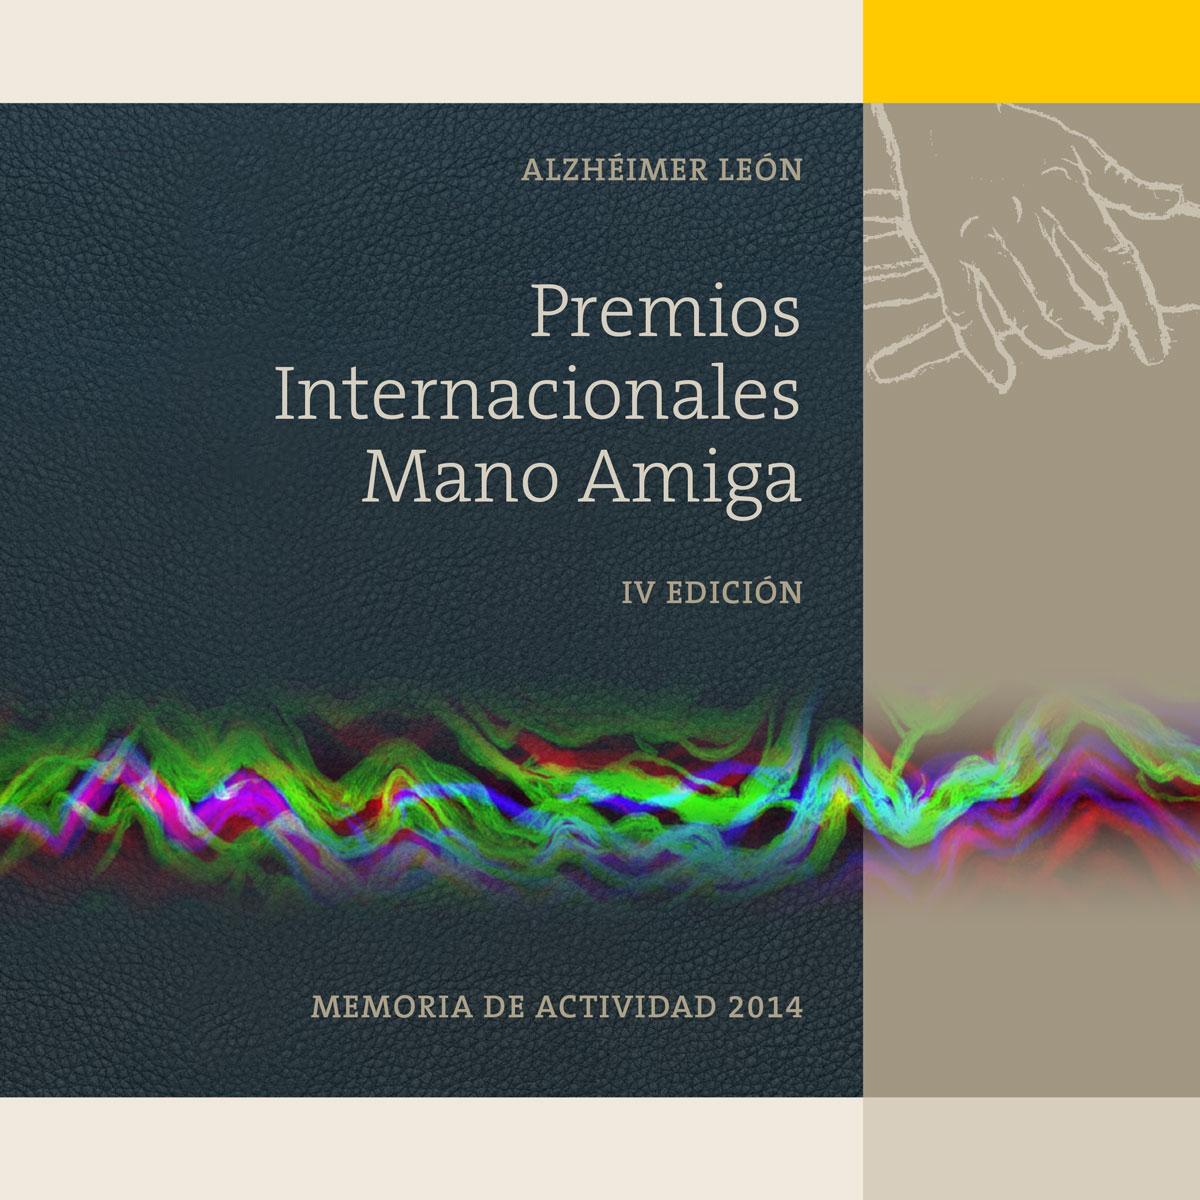 Memoria Premios Internacionales Mano Amiga 2015